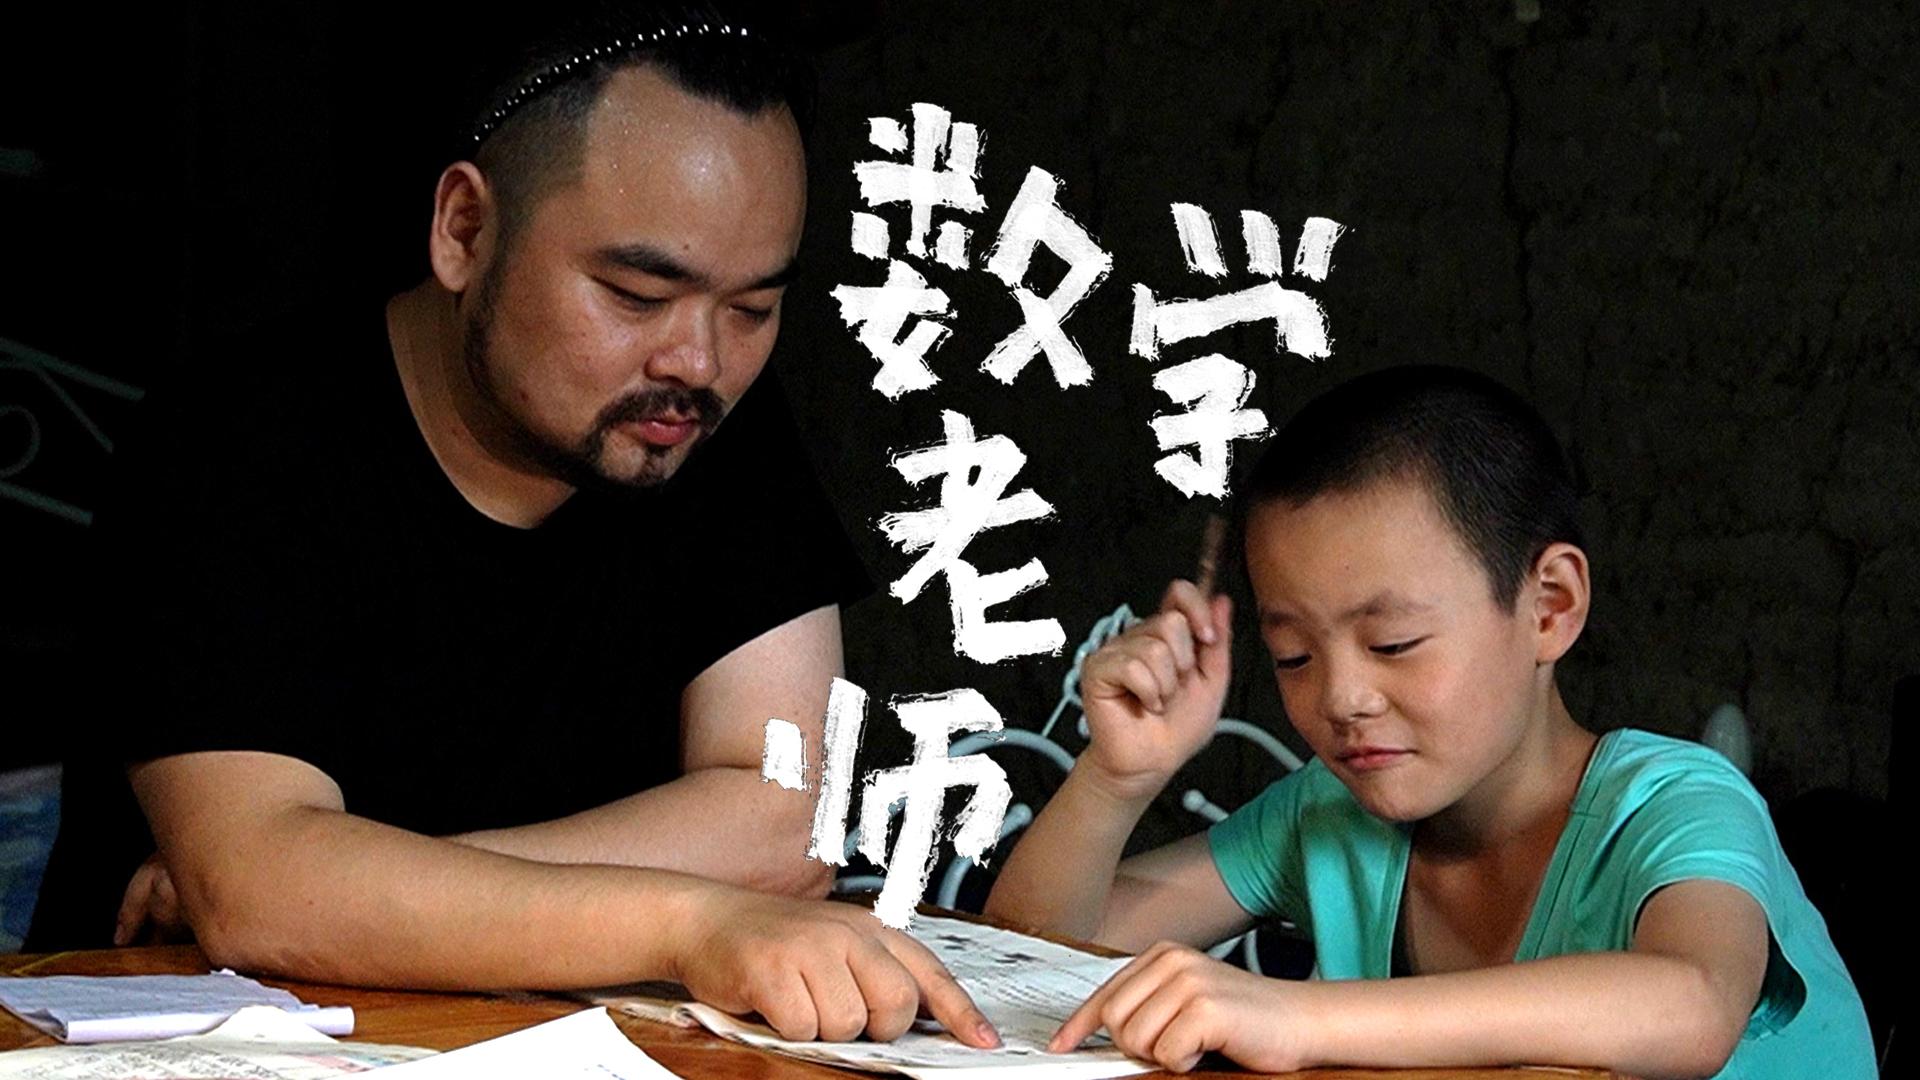 【夏日蕉易战】胖胖的山头『数学老师』